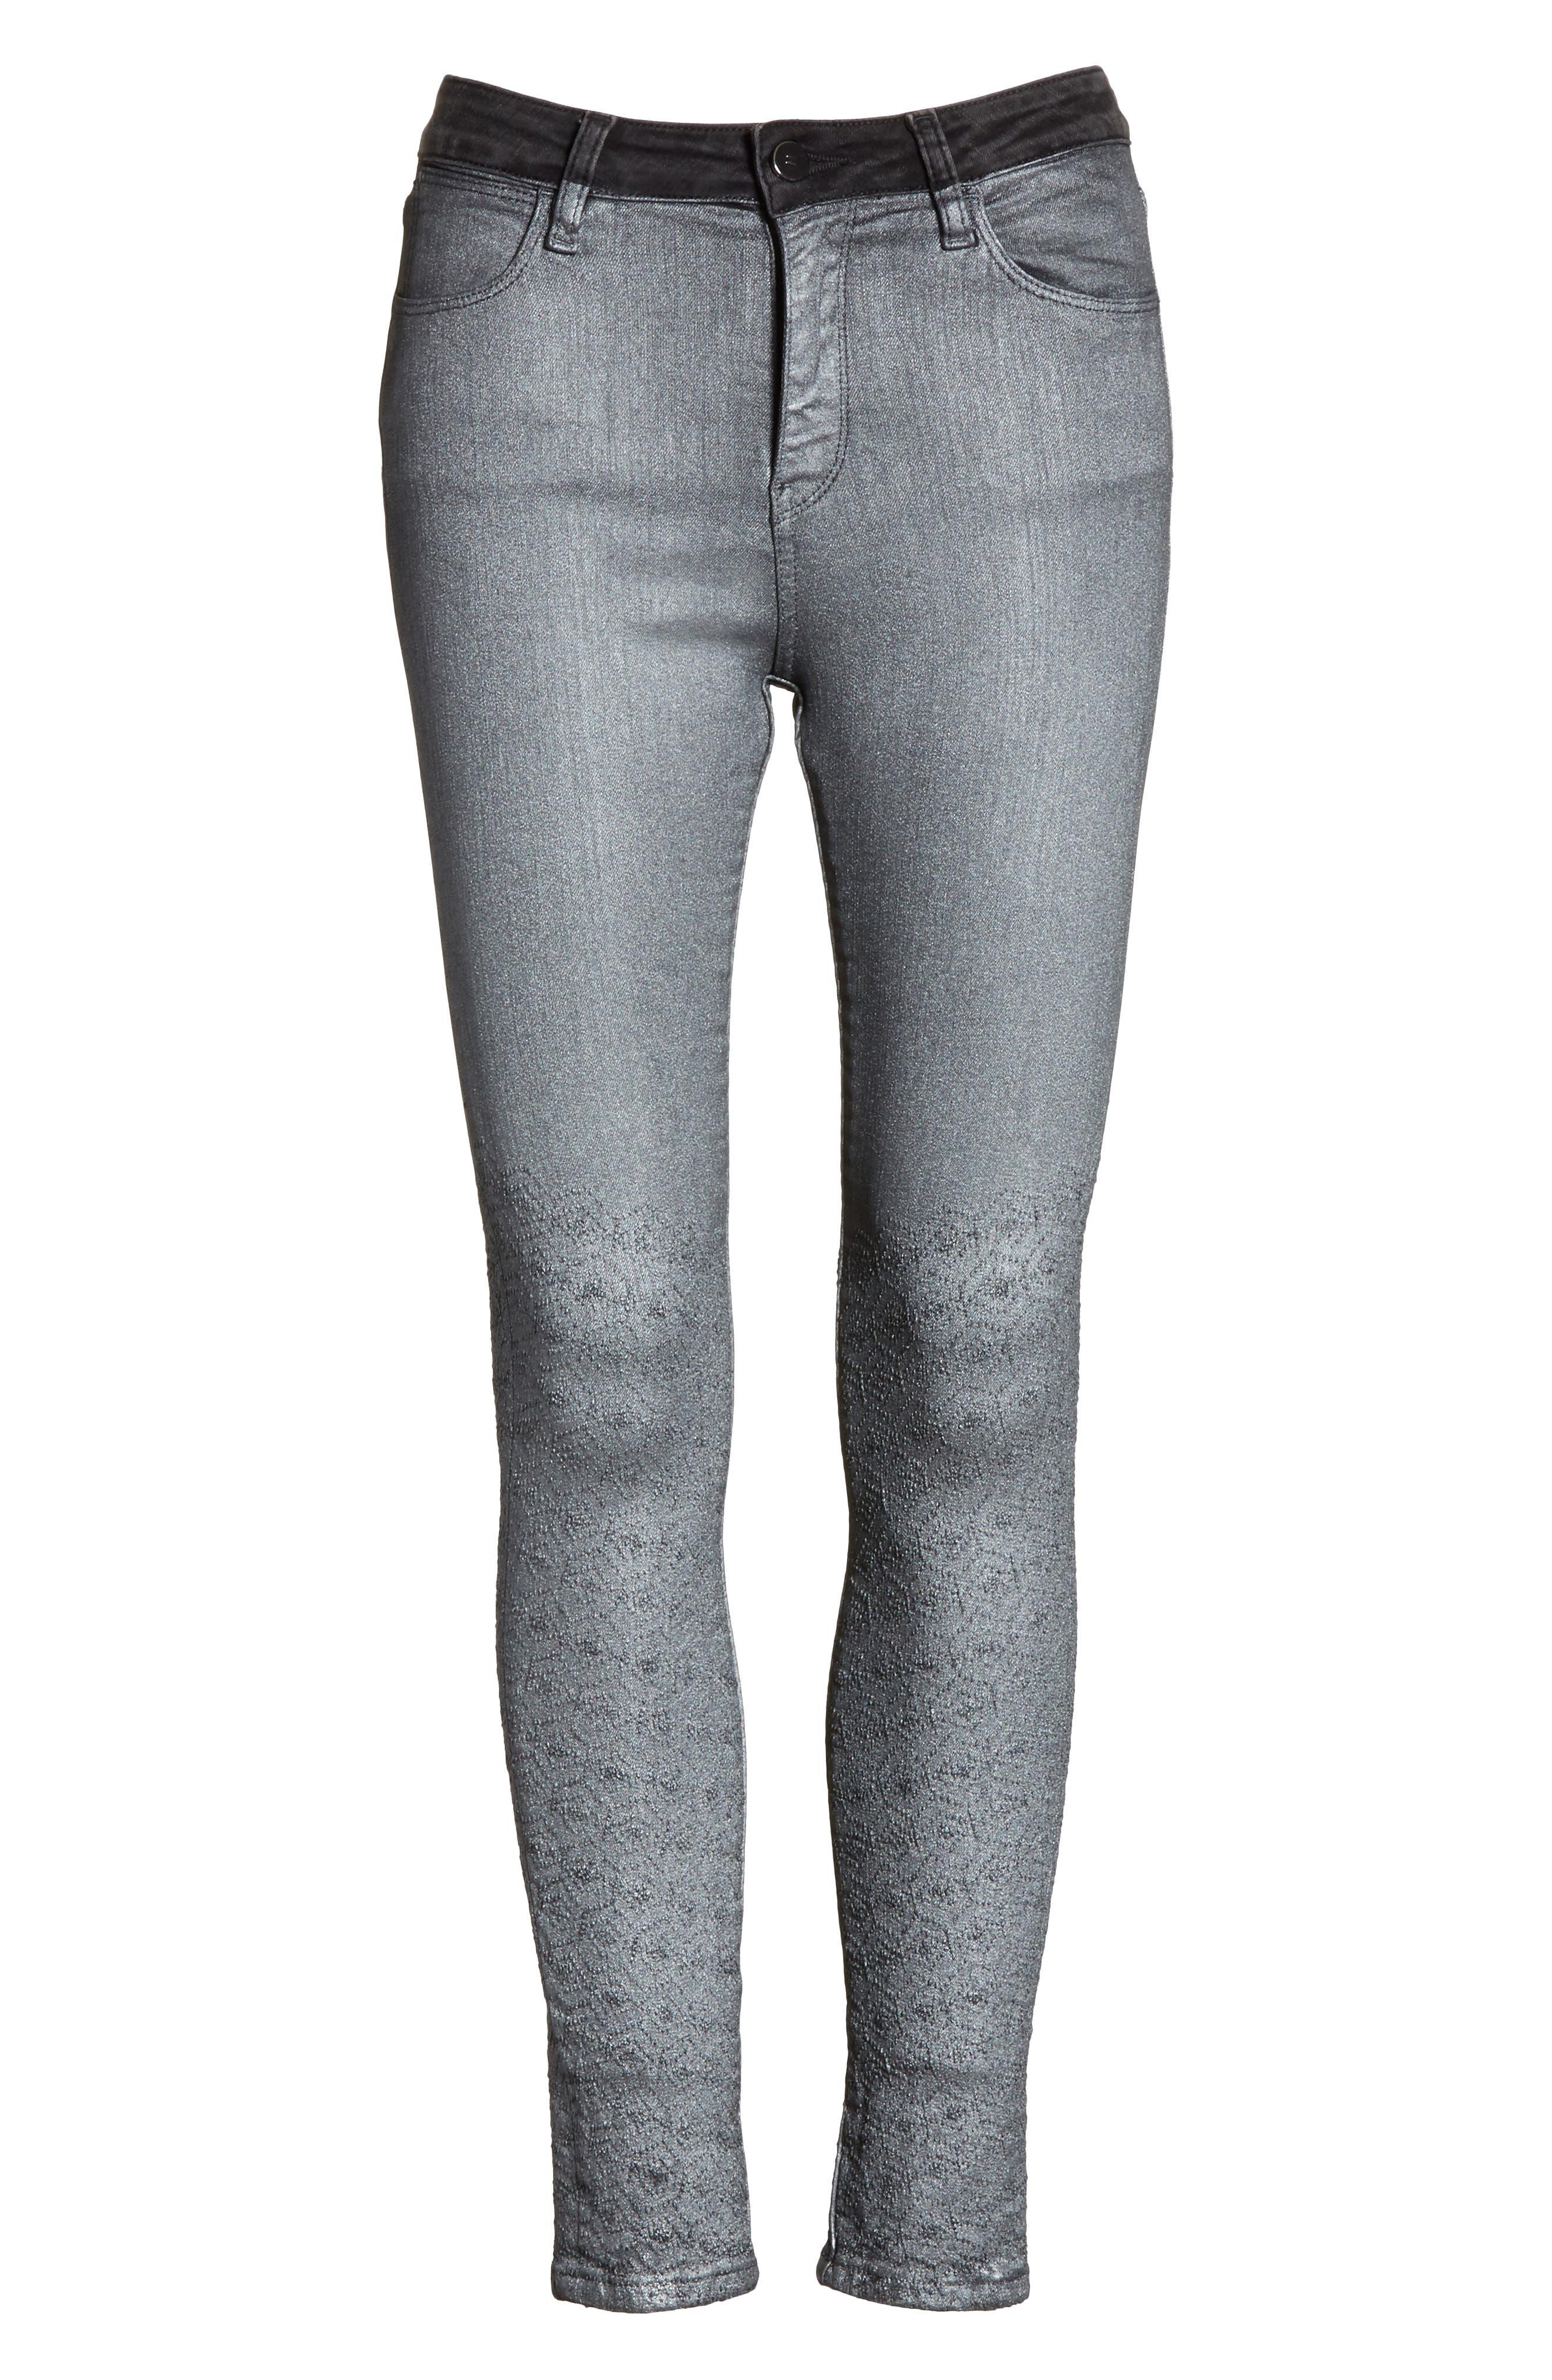 Reina Glitter Skinny Jeans,                             Alternate thumbnail 6, color,                             Black Used Glitter Silver